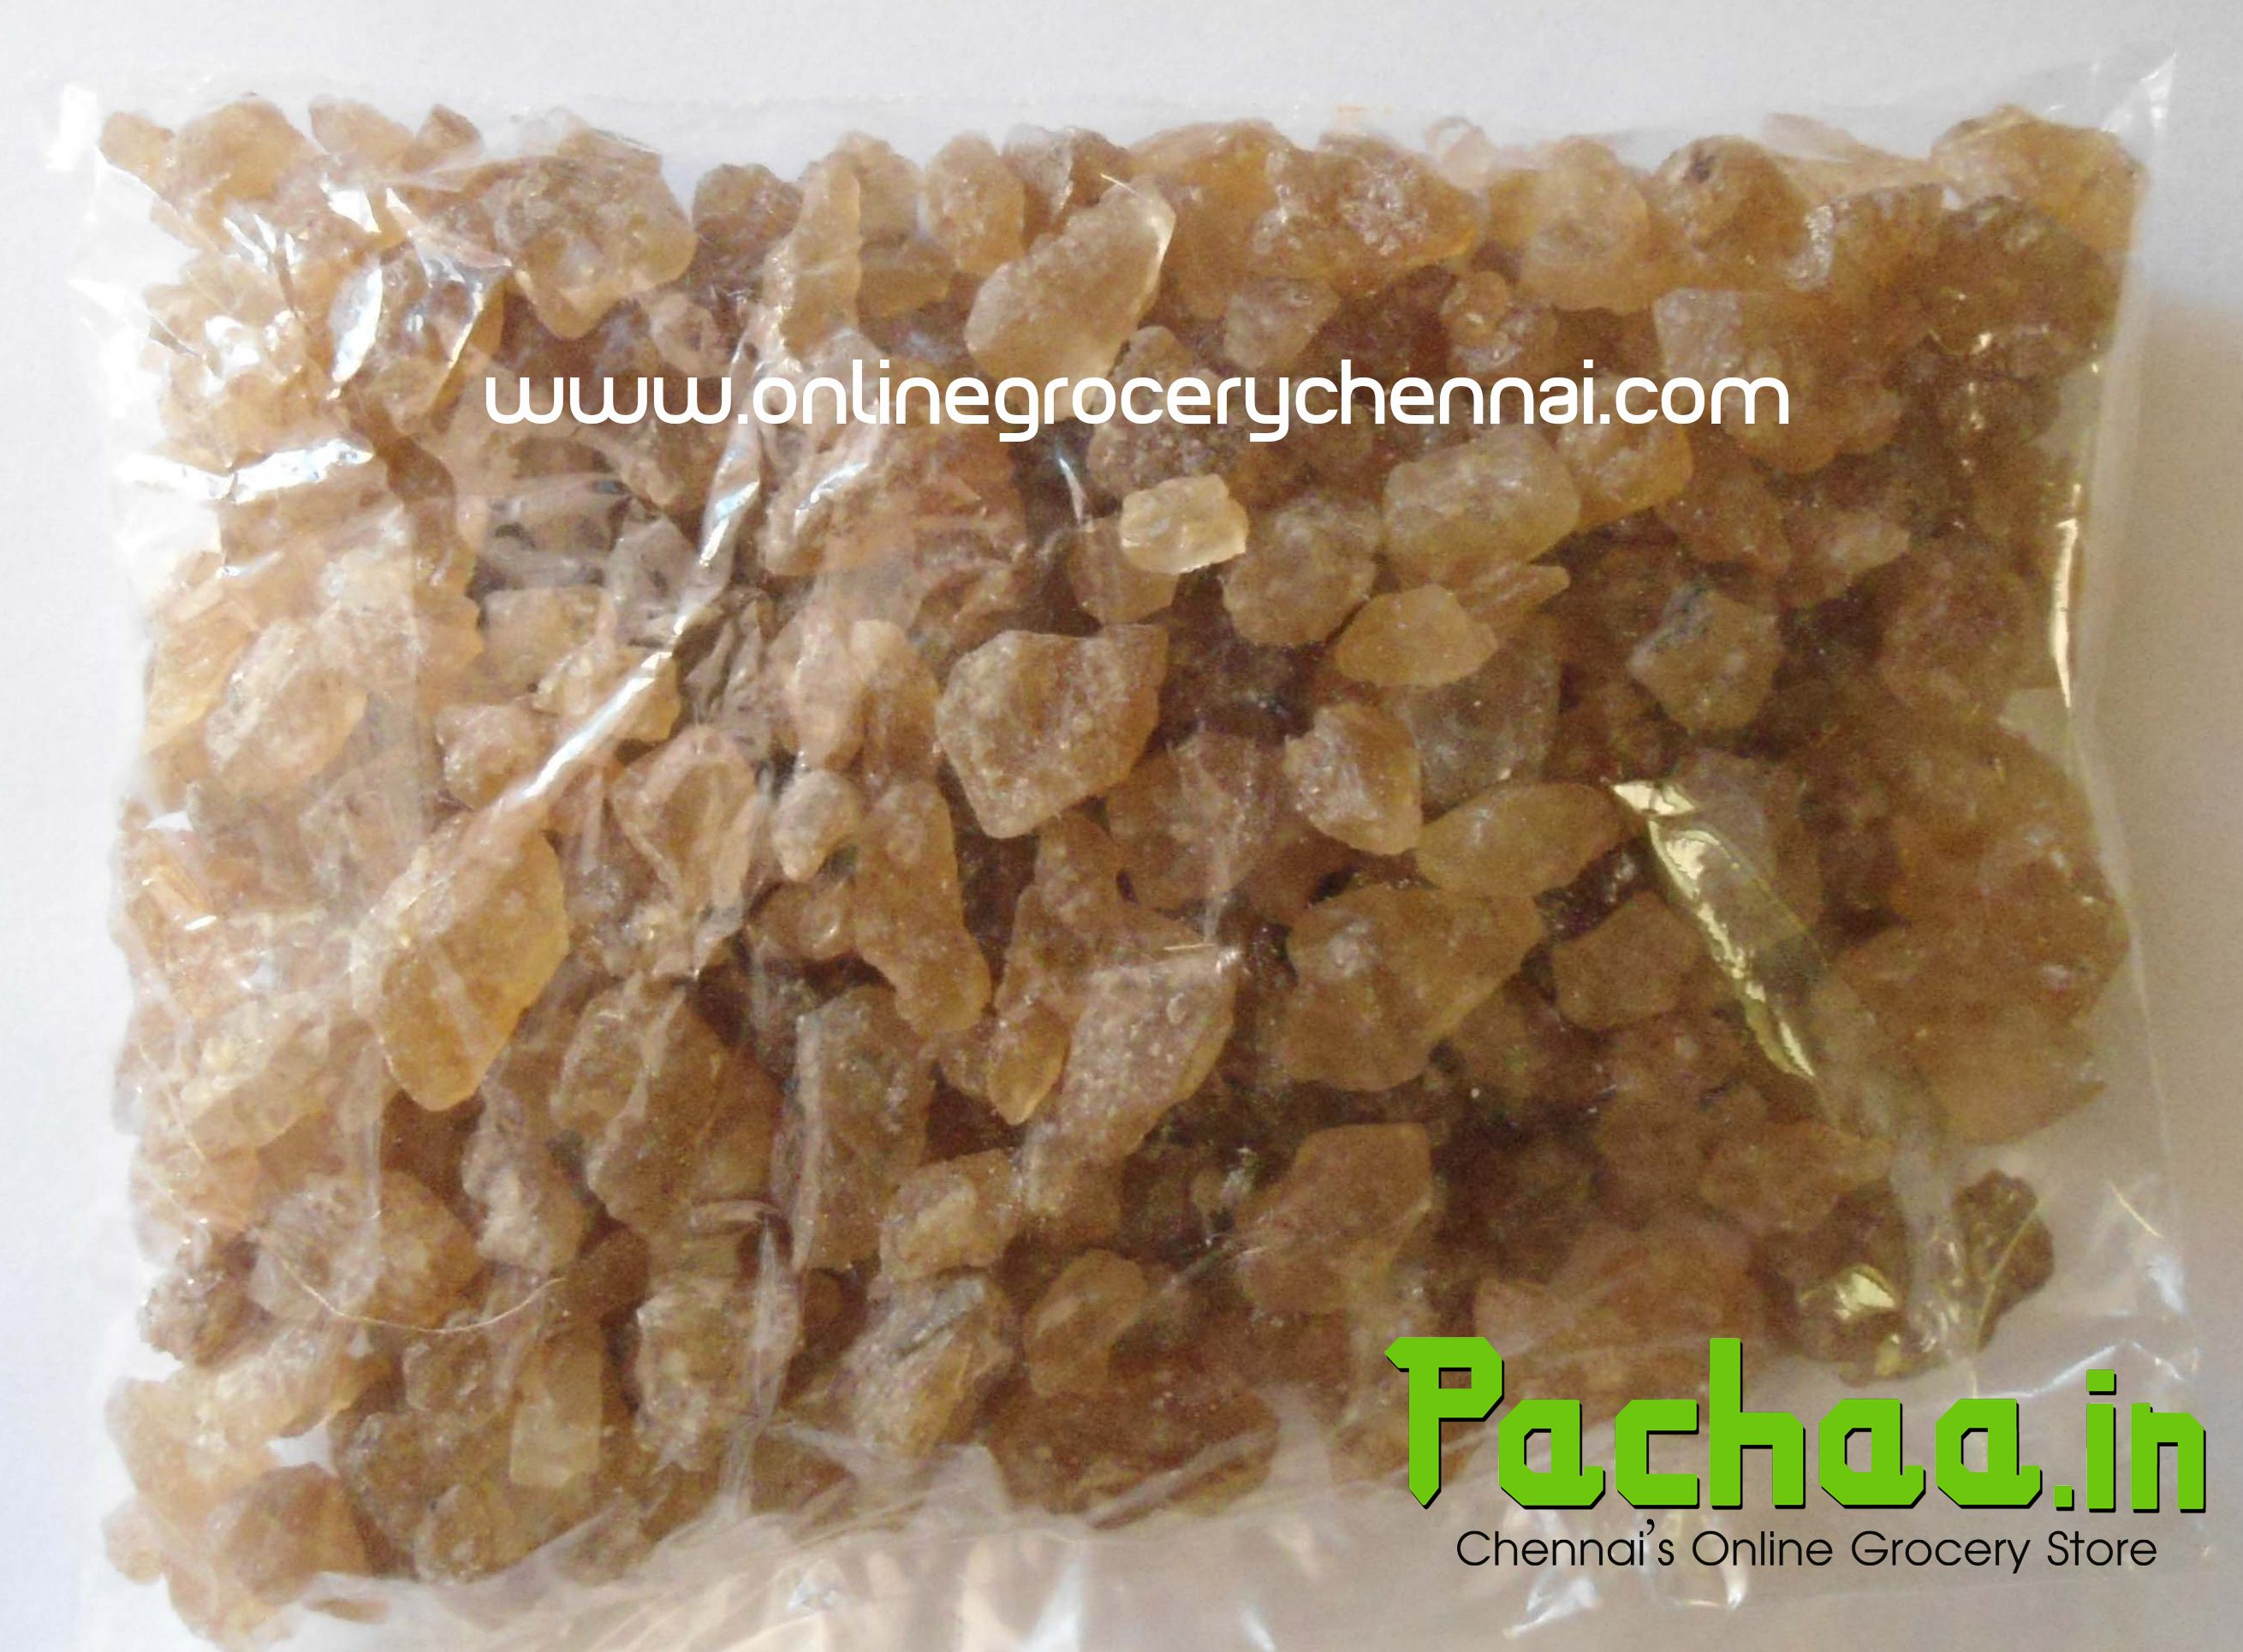 Tamil Nadu Palm Products - Karupatti Palm Jaggery (பனை